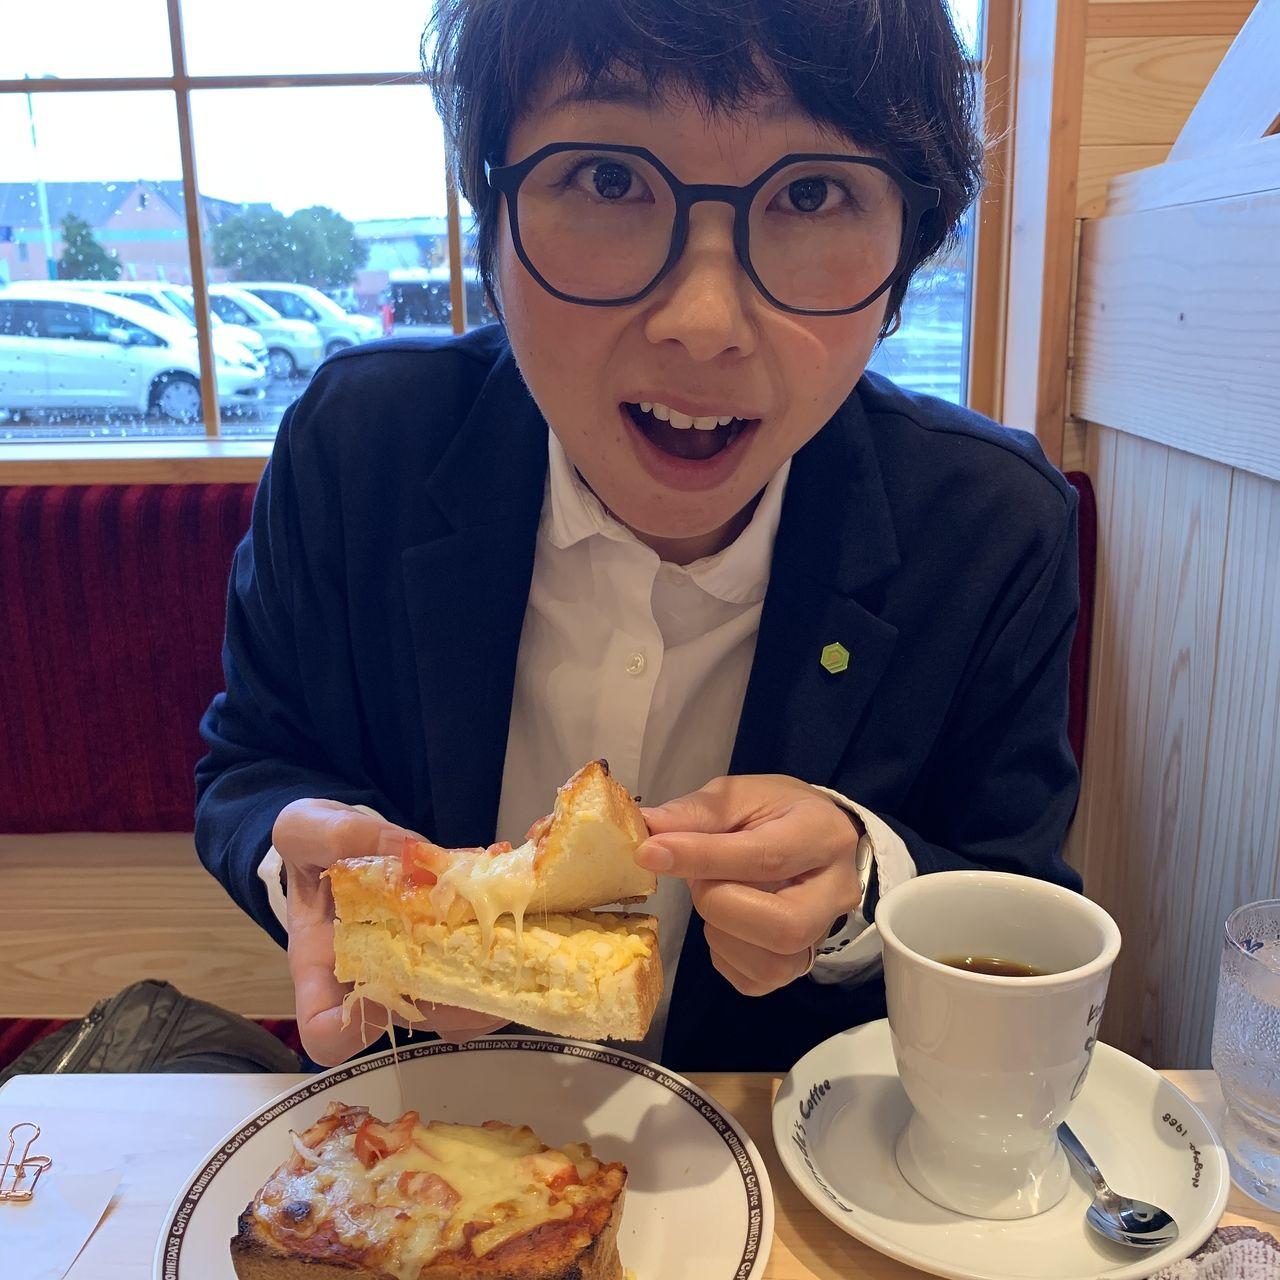 四万十市 コメダ珈琲店 ピザトースト ランチ